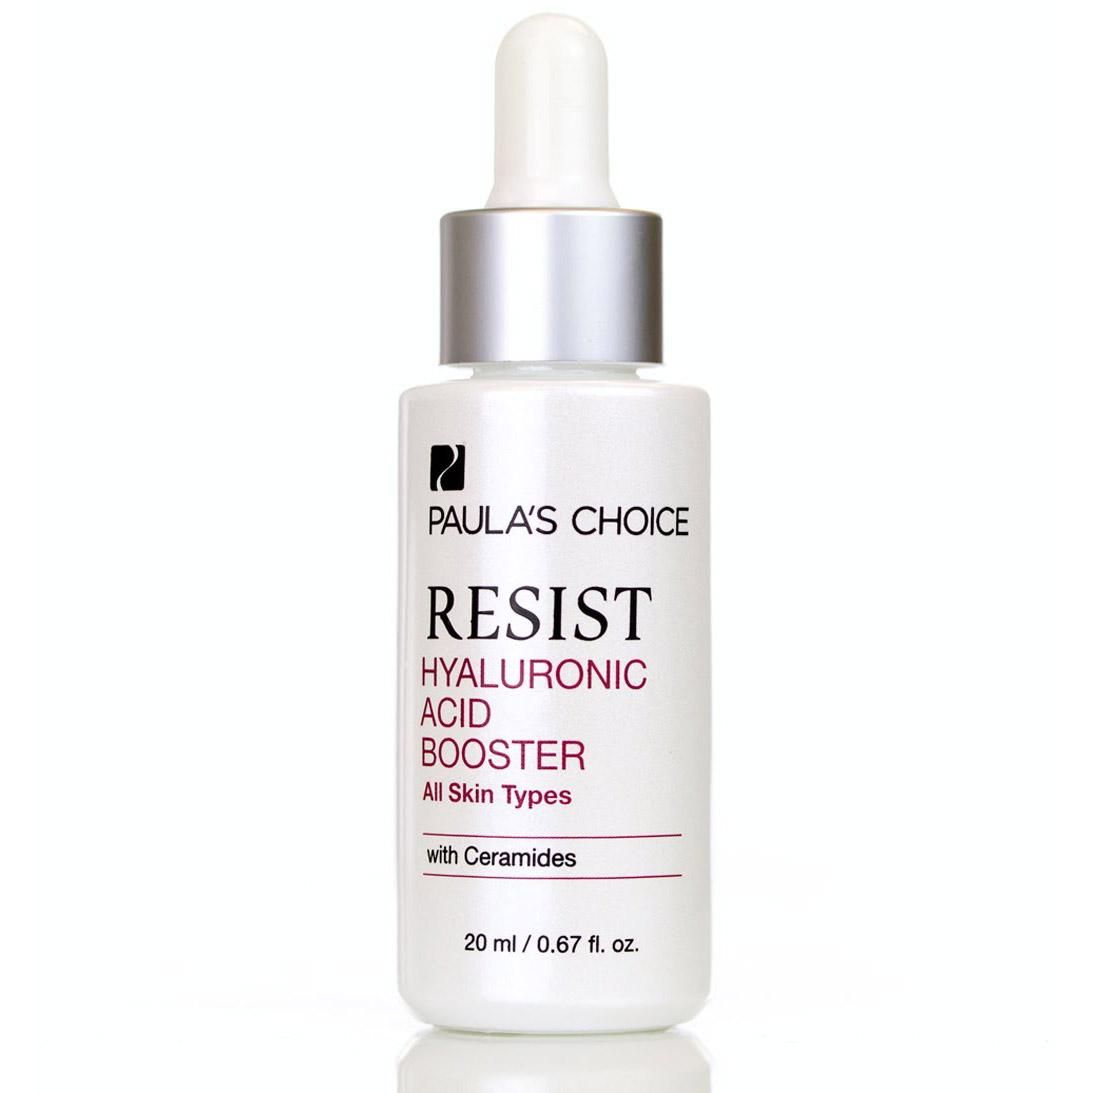 [ลด 20%] Paula's Choice RESIST Hyaluronic Acid Booster - 20ml